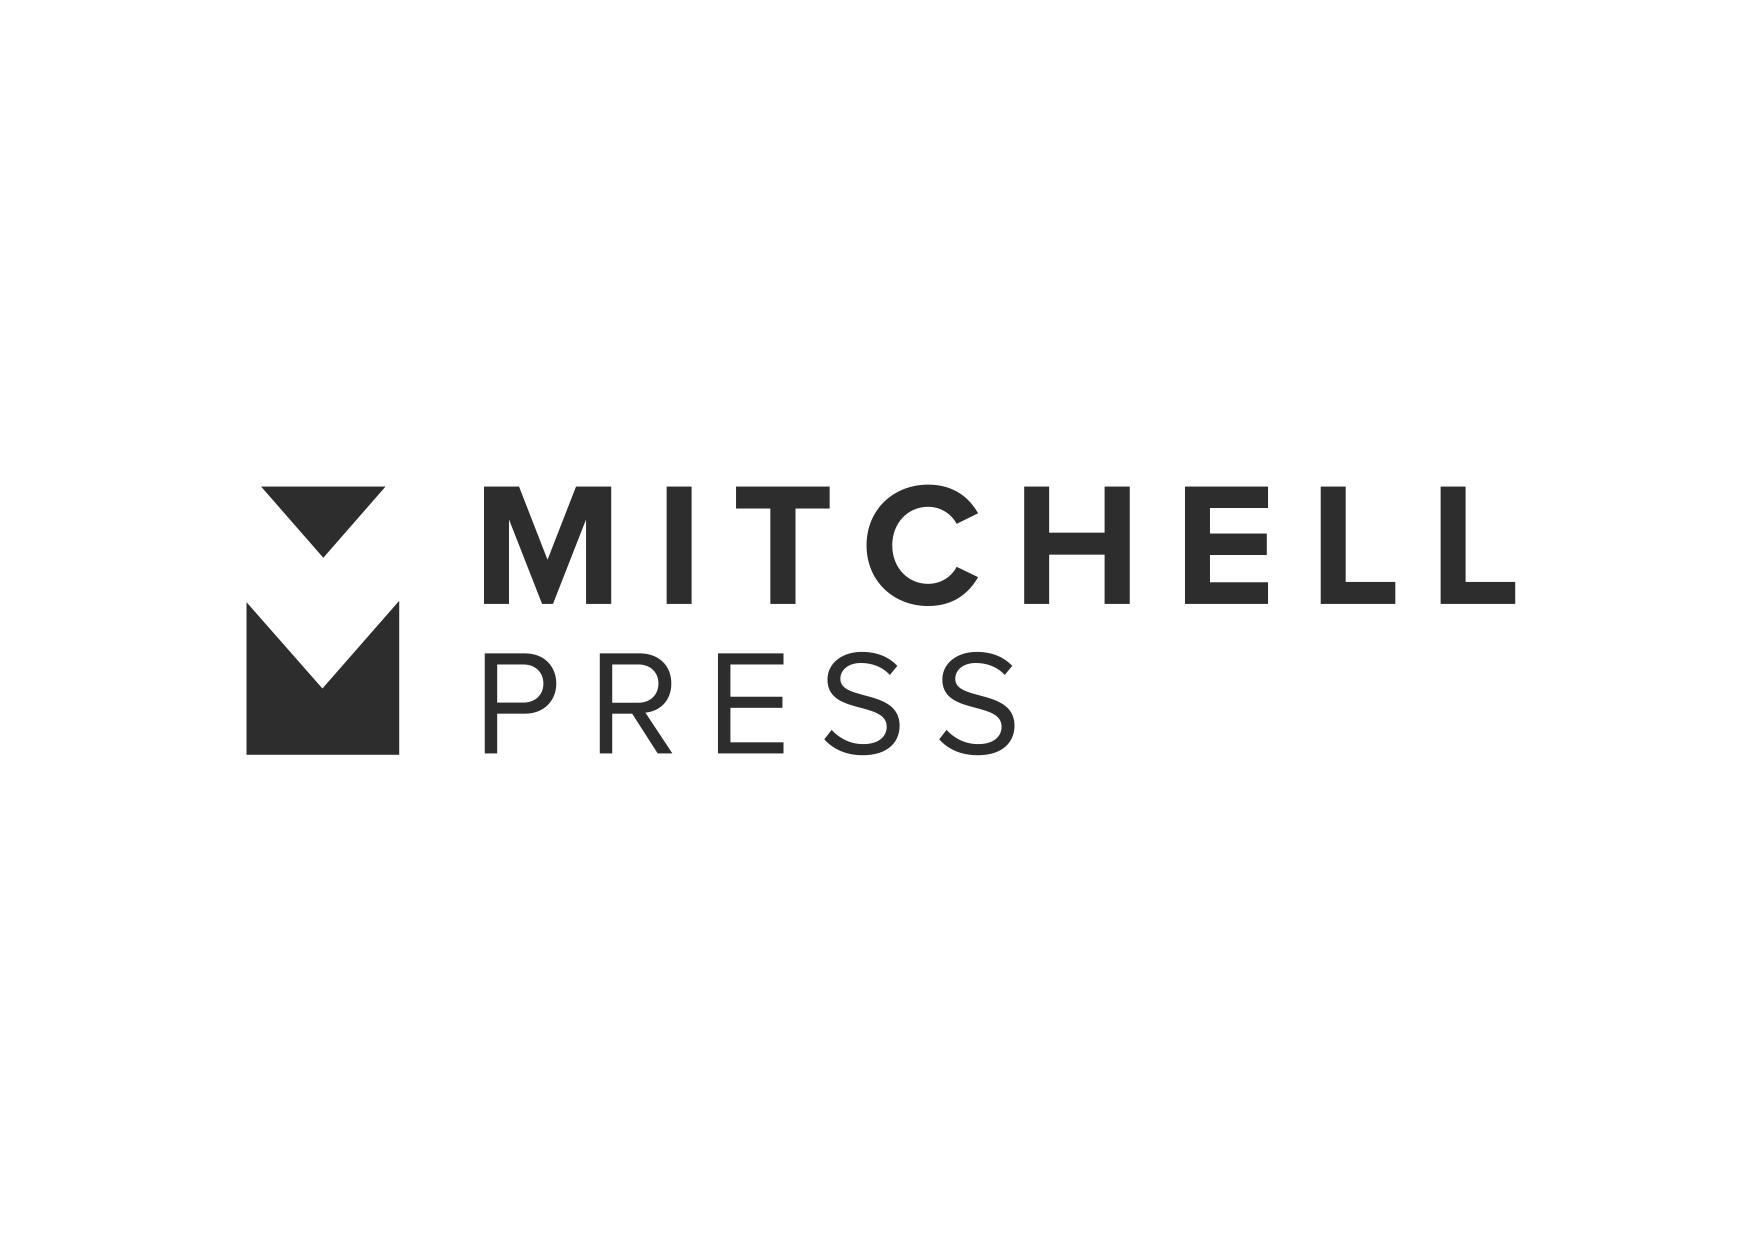 Mitchell Press